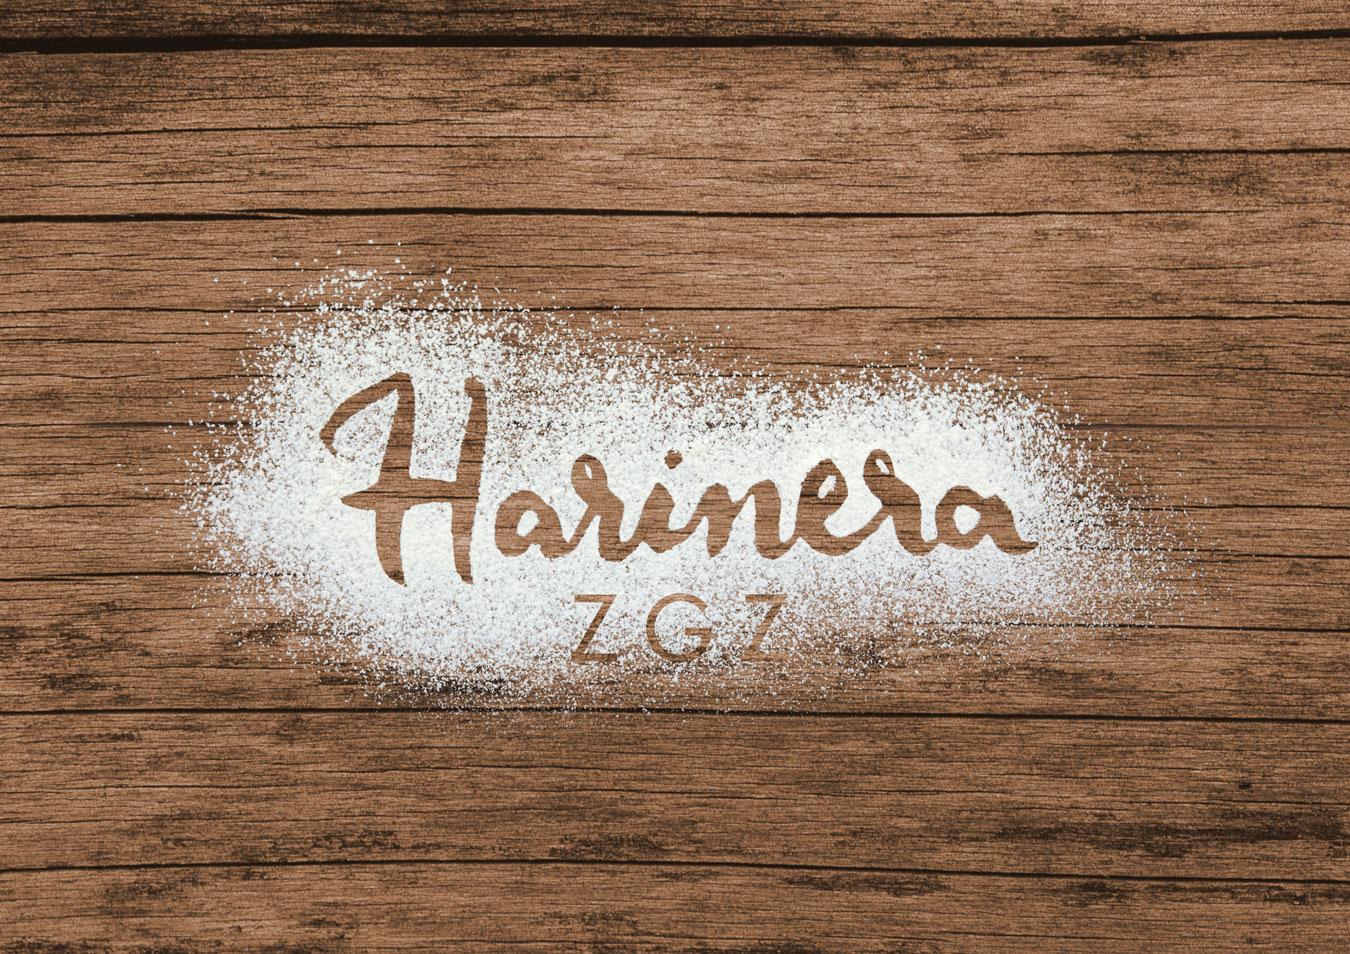 Diseño de logotipo aplicado sobre fondo fotográfico con el que participamos en el concurso para el diseño de imagen corporativa de Harinera ZGZ